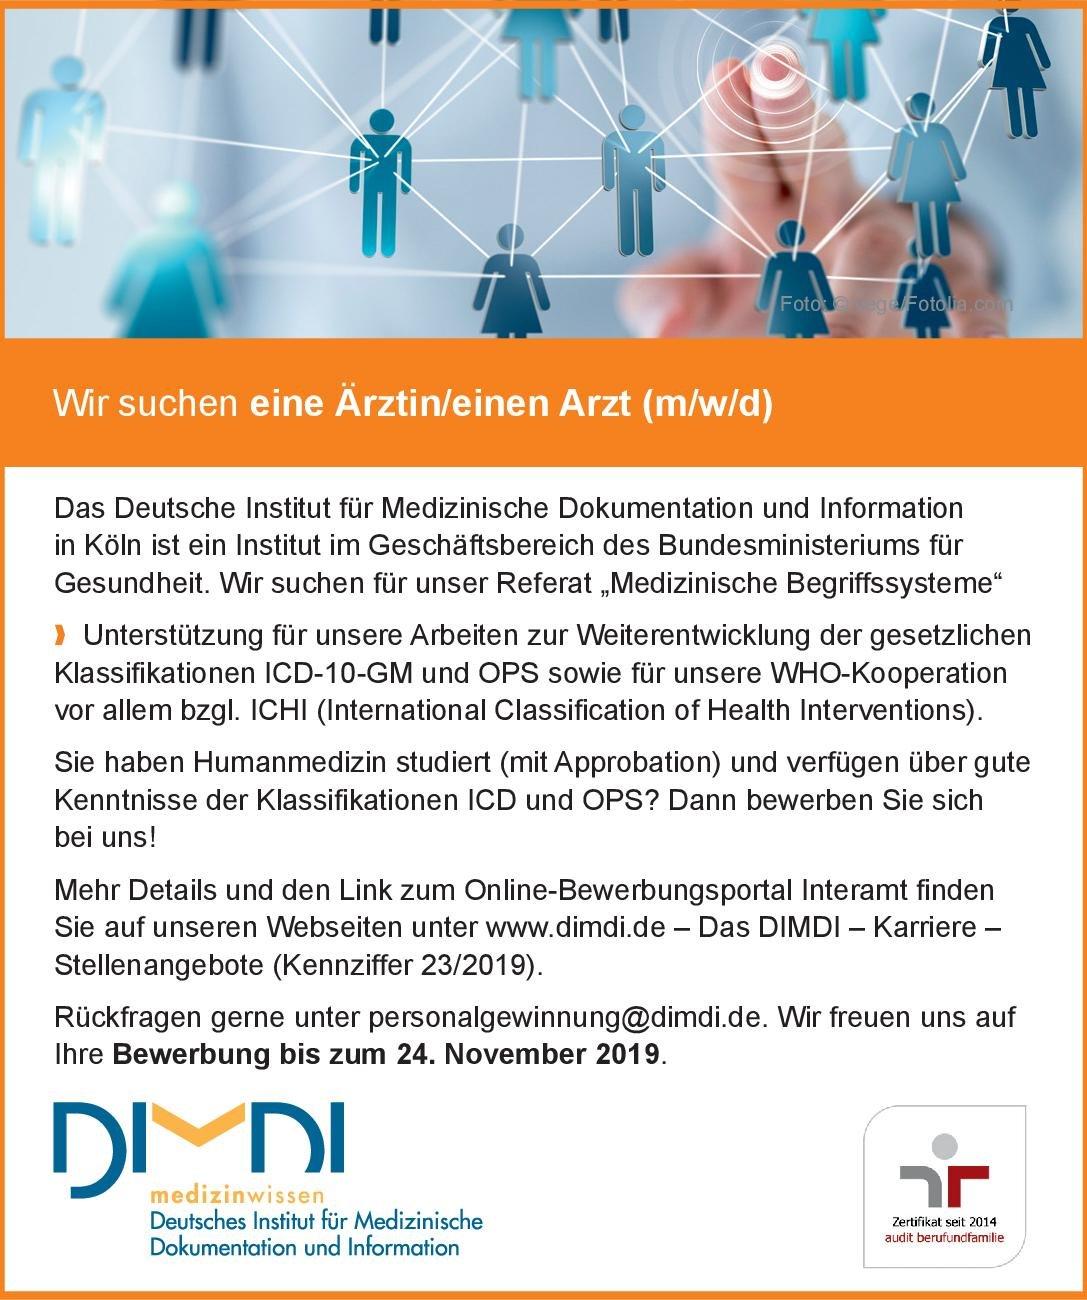 DIMDI Deutsches Institut für Medizinische Dokumentation und Information Ärztin/ Arzt (m/w/d) * ohne Gebiete Arzt / Facharzt